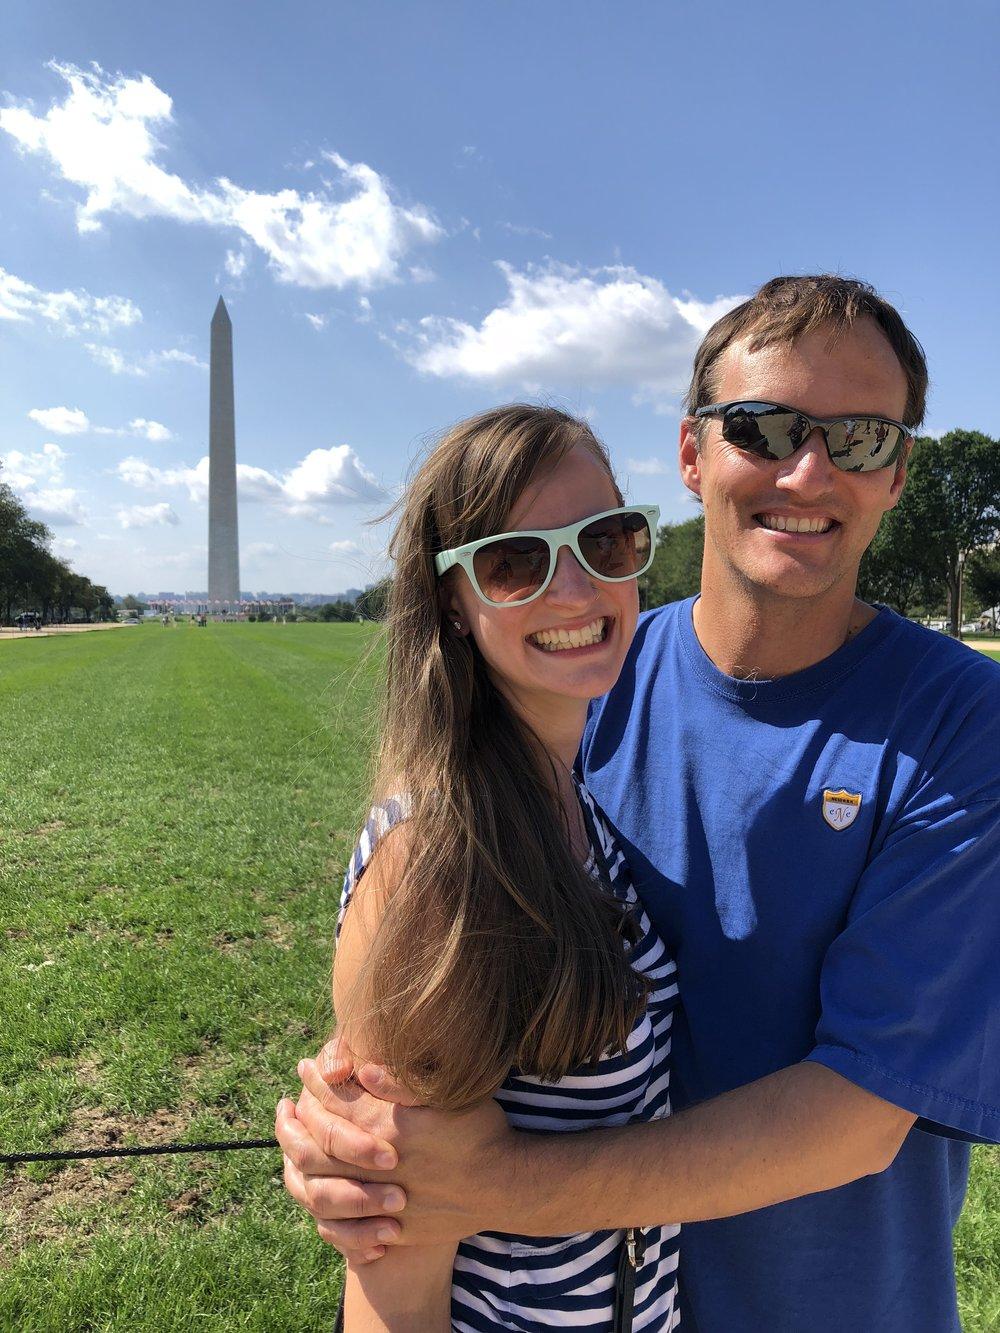 Washington DC trip, September 2018